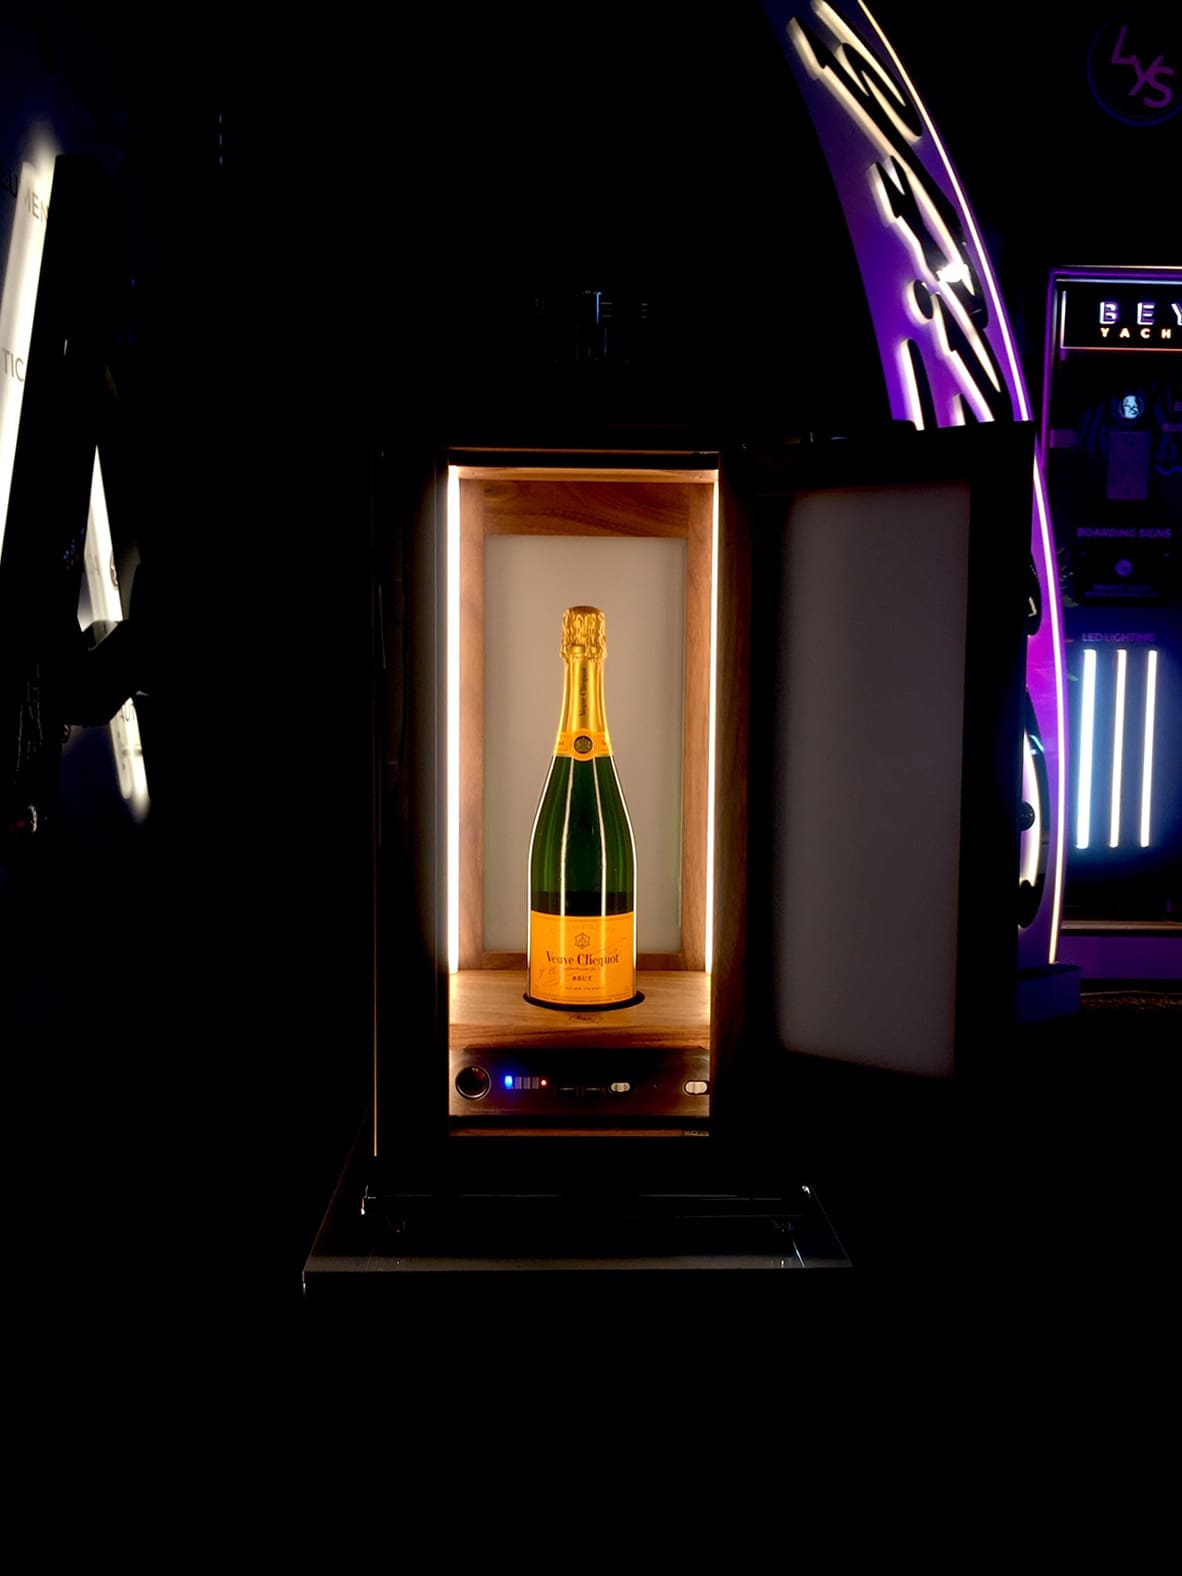 Illuminated Veuve Clicquot